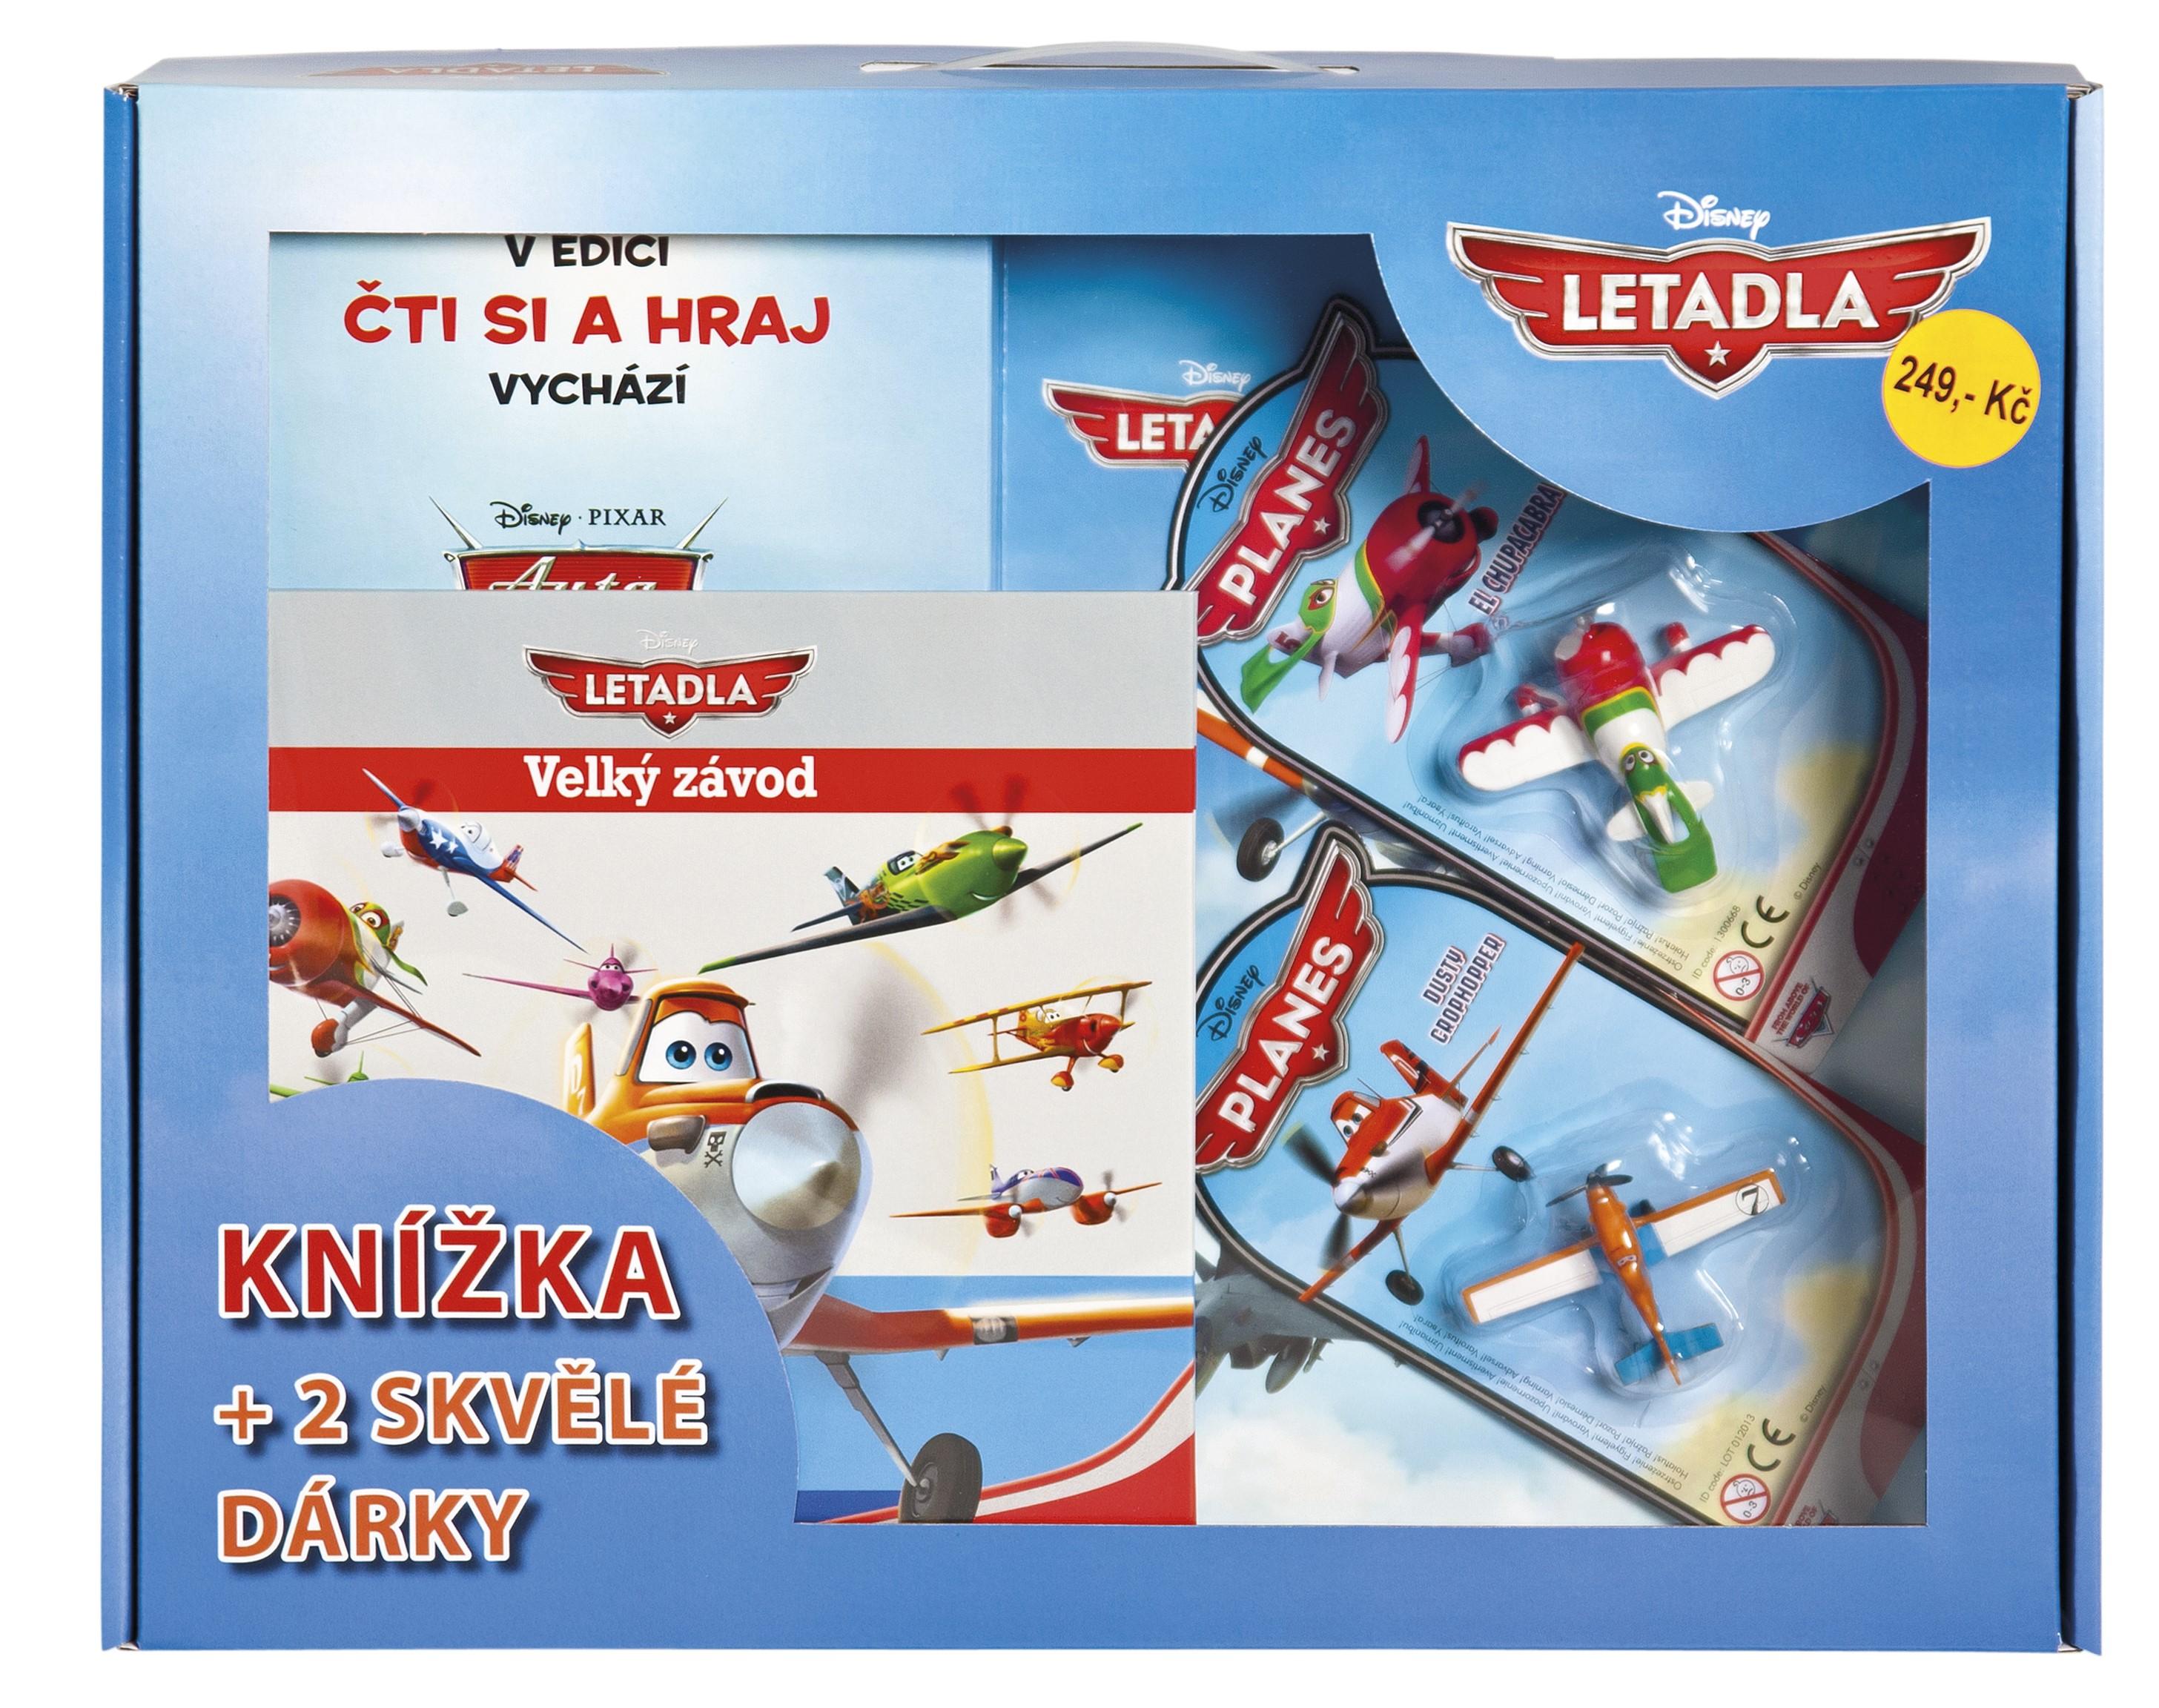 Letadla - Čti si a hraj - Velký závod (knížka + 2 skvělé dárky) | Walt Disney